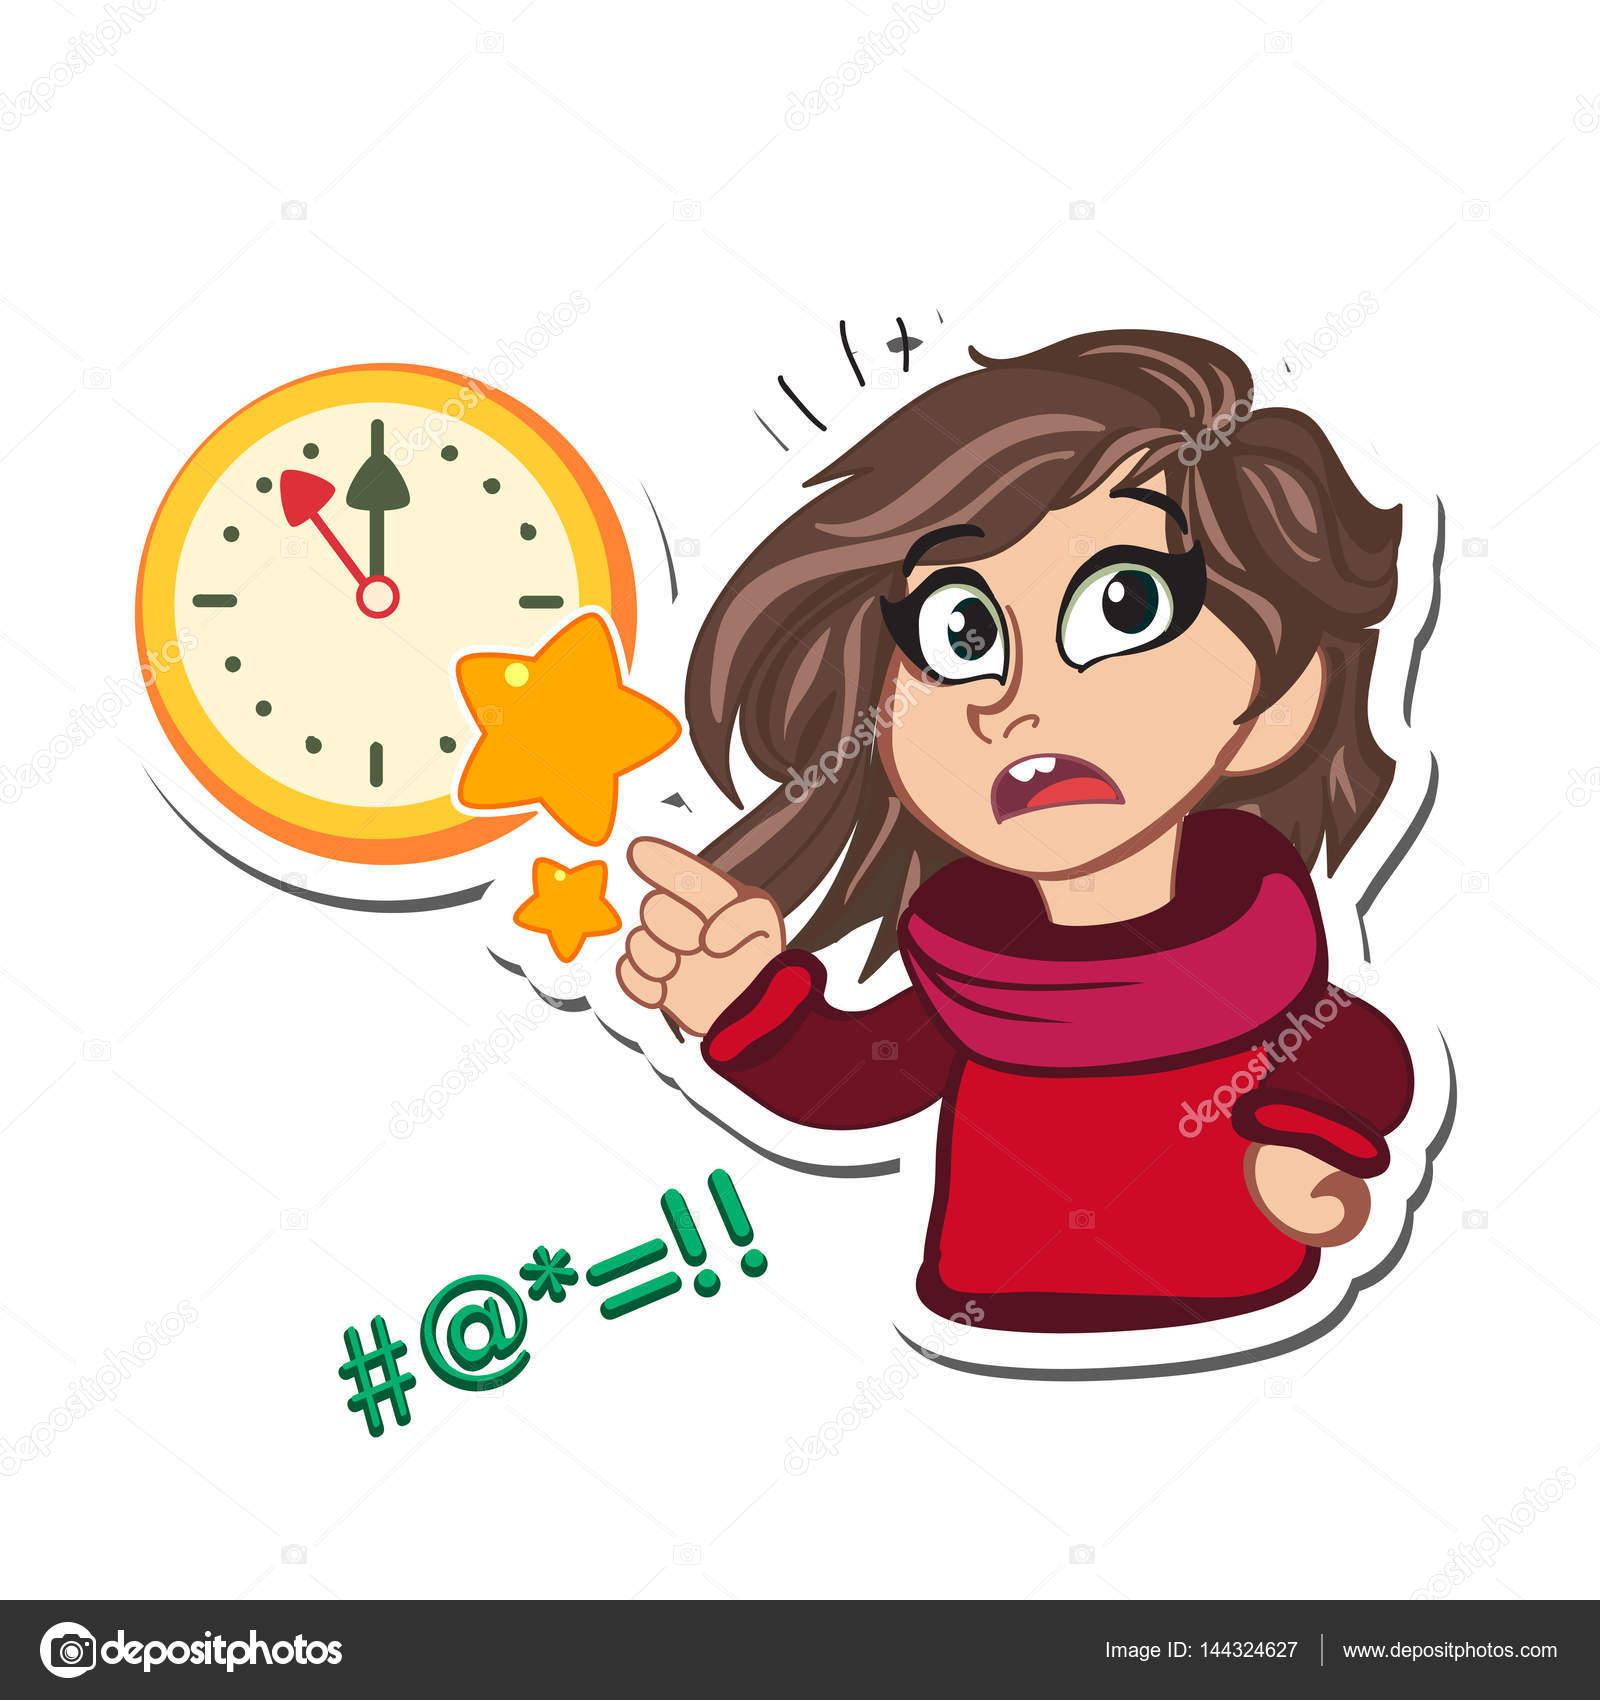 壁掛け時計とかわいい小さな女の子不思議漫画のキャラクター